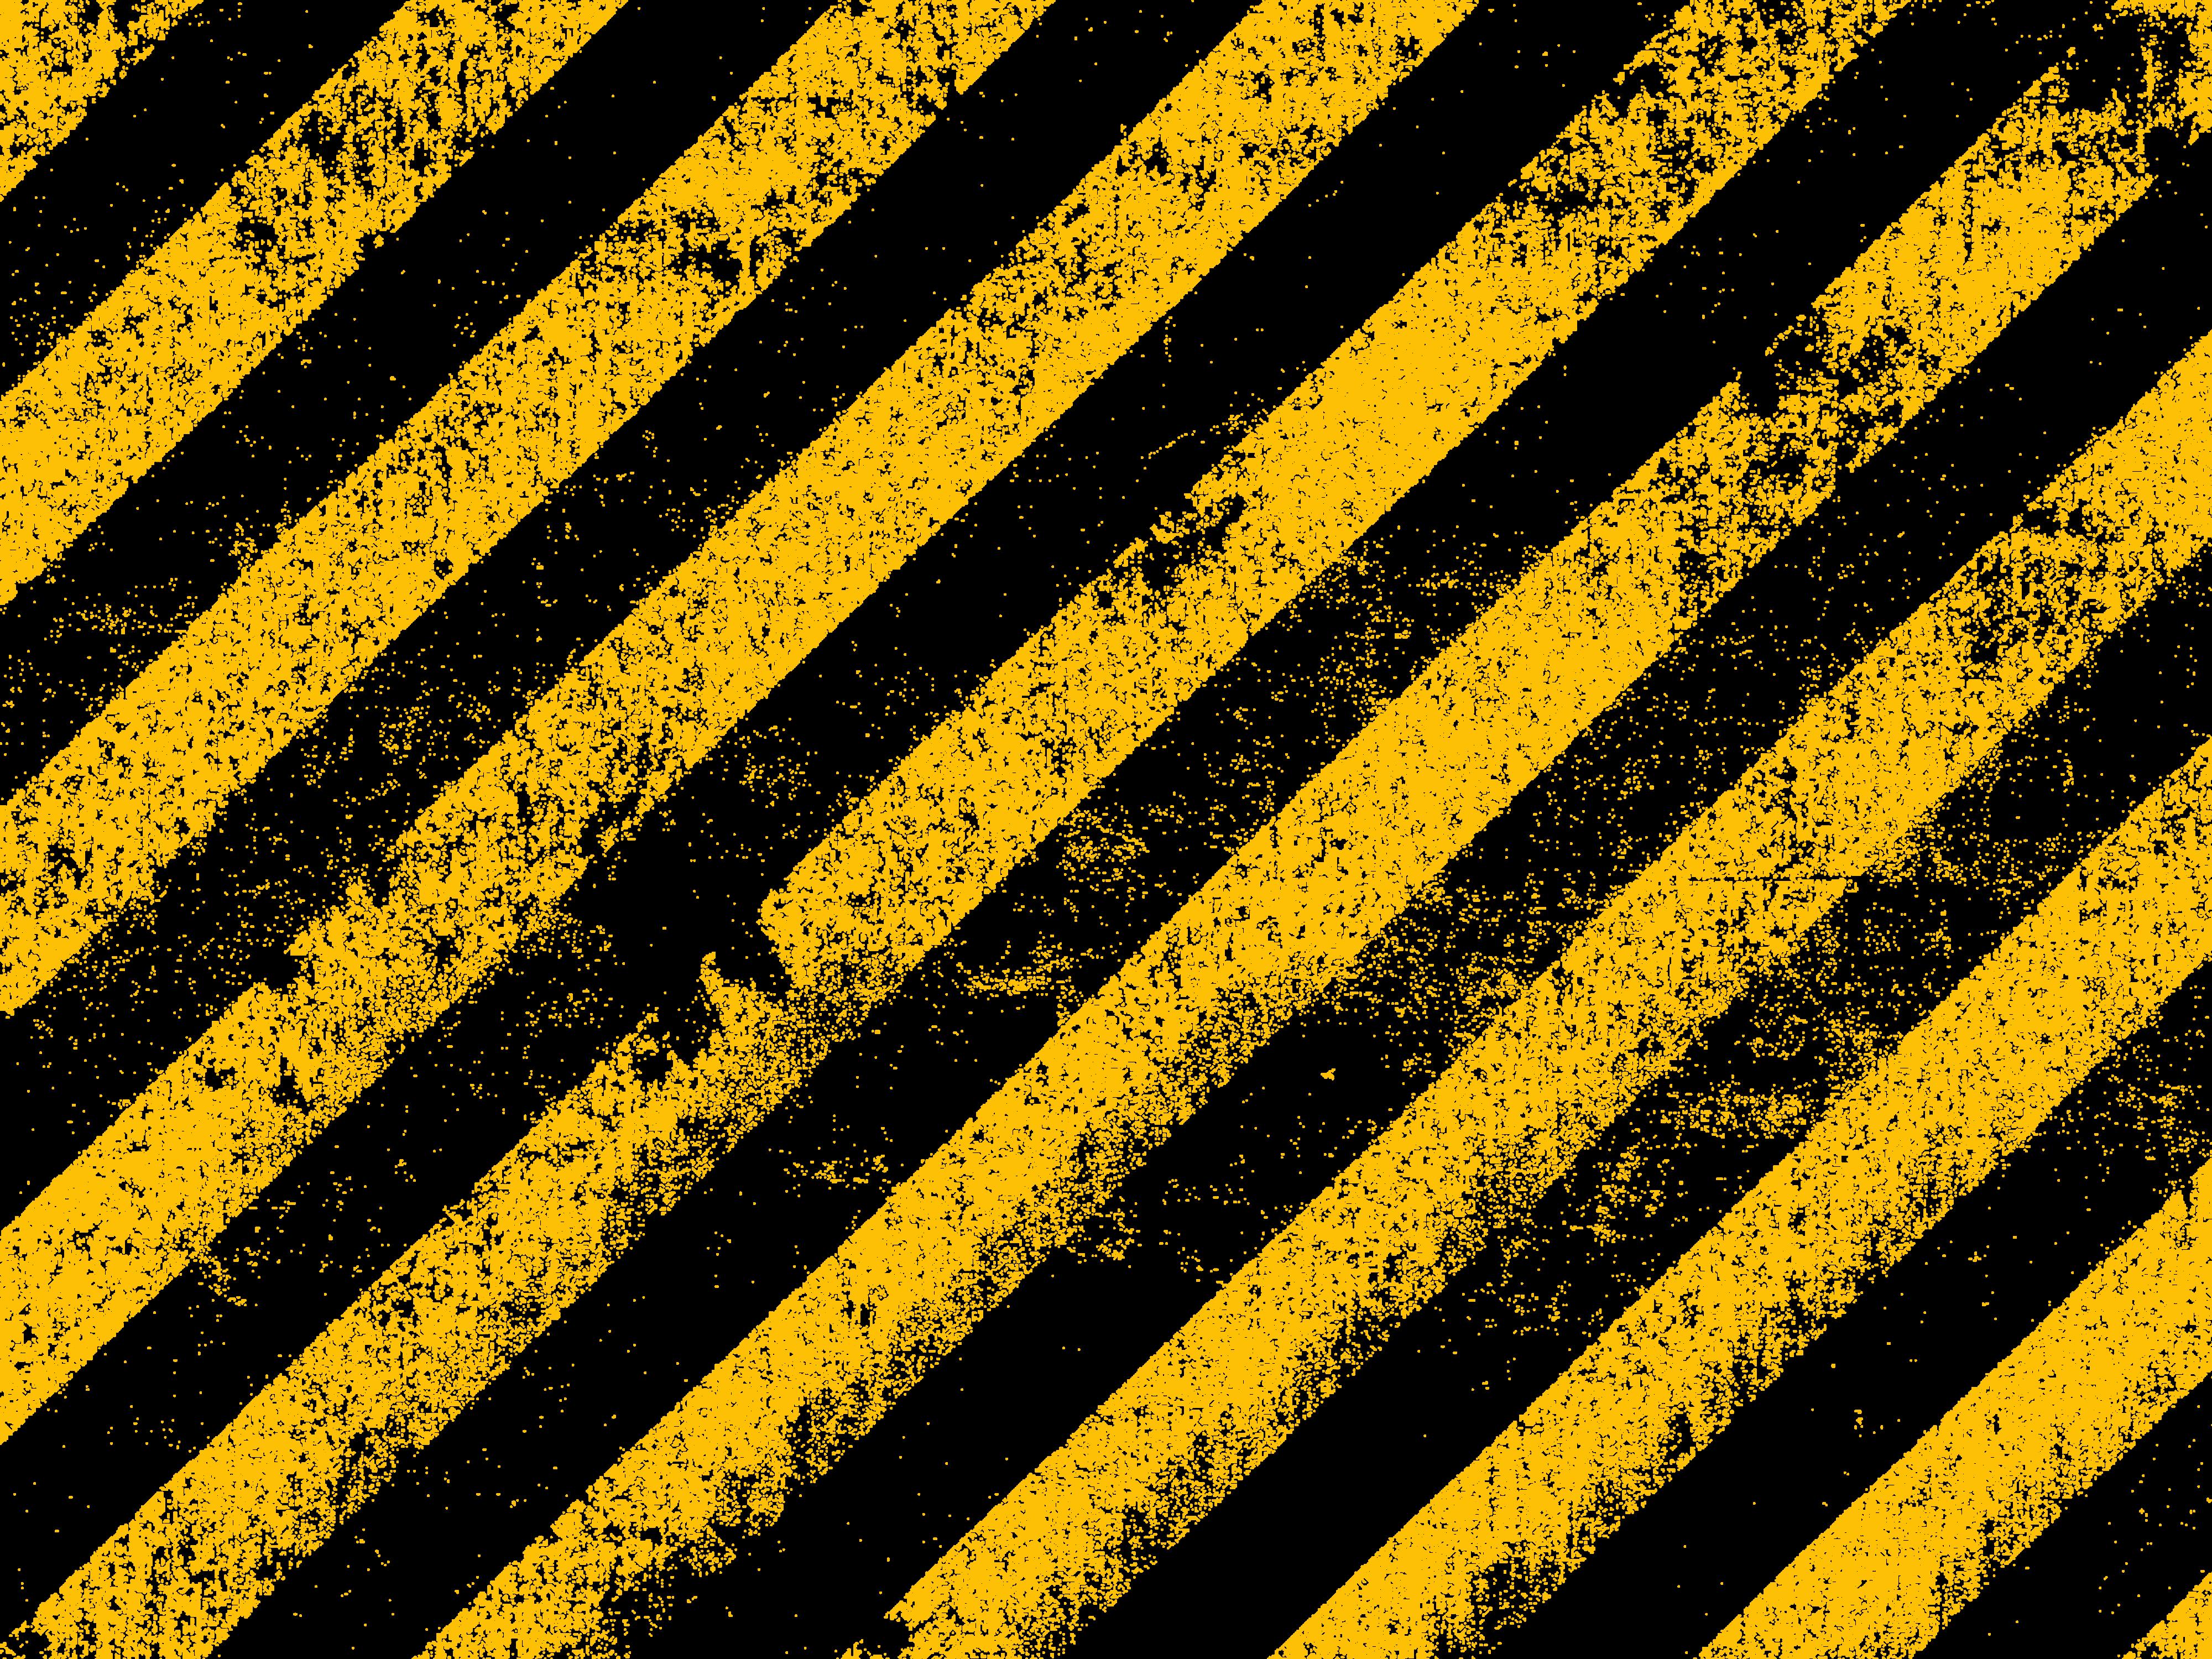 grunge-warning-line-background-3.png